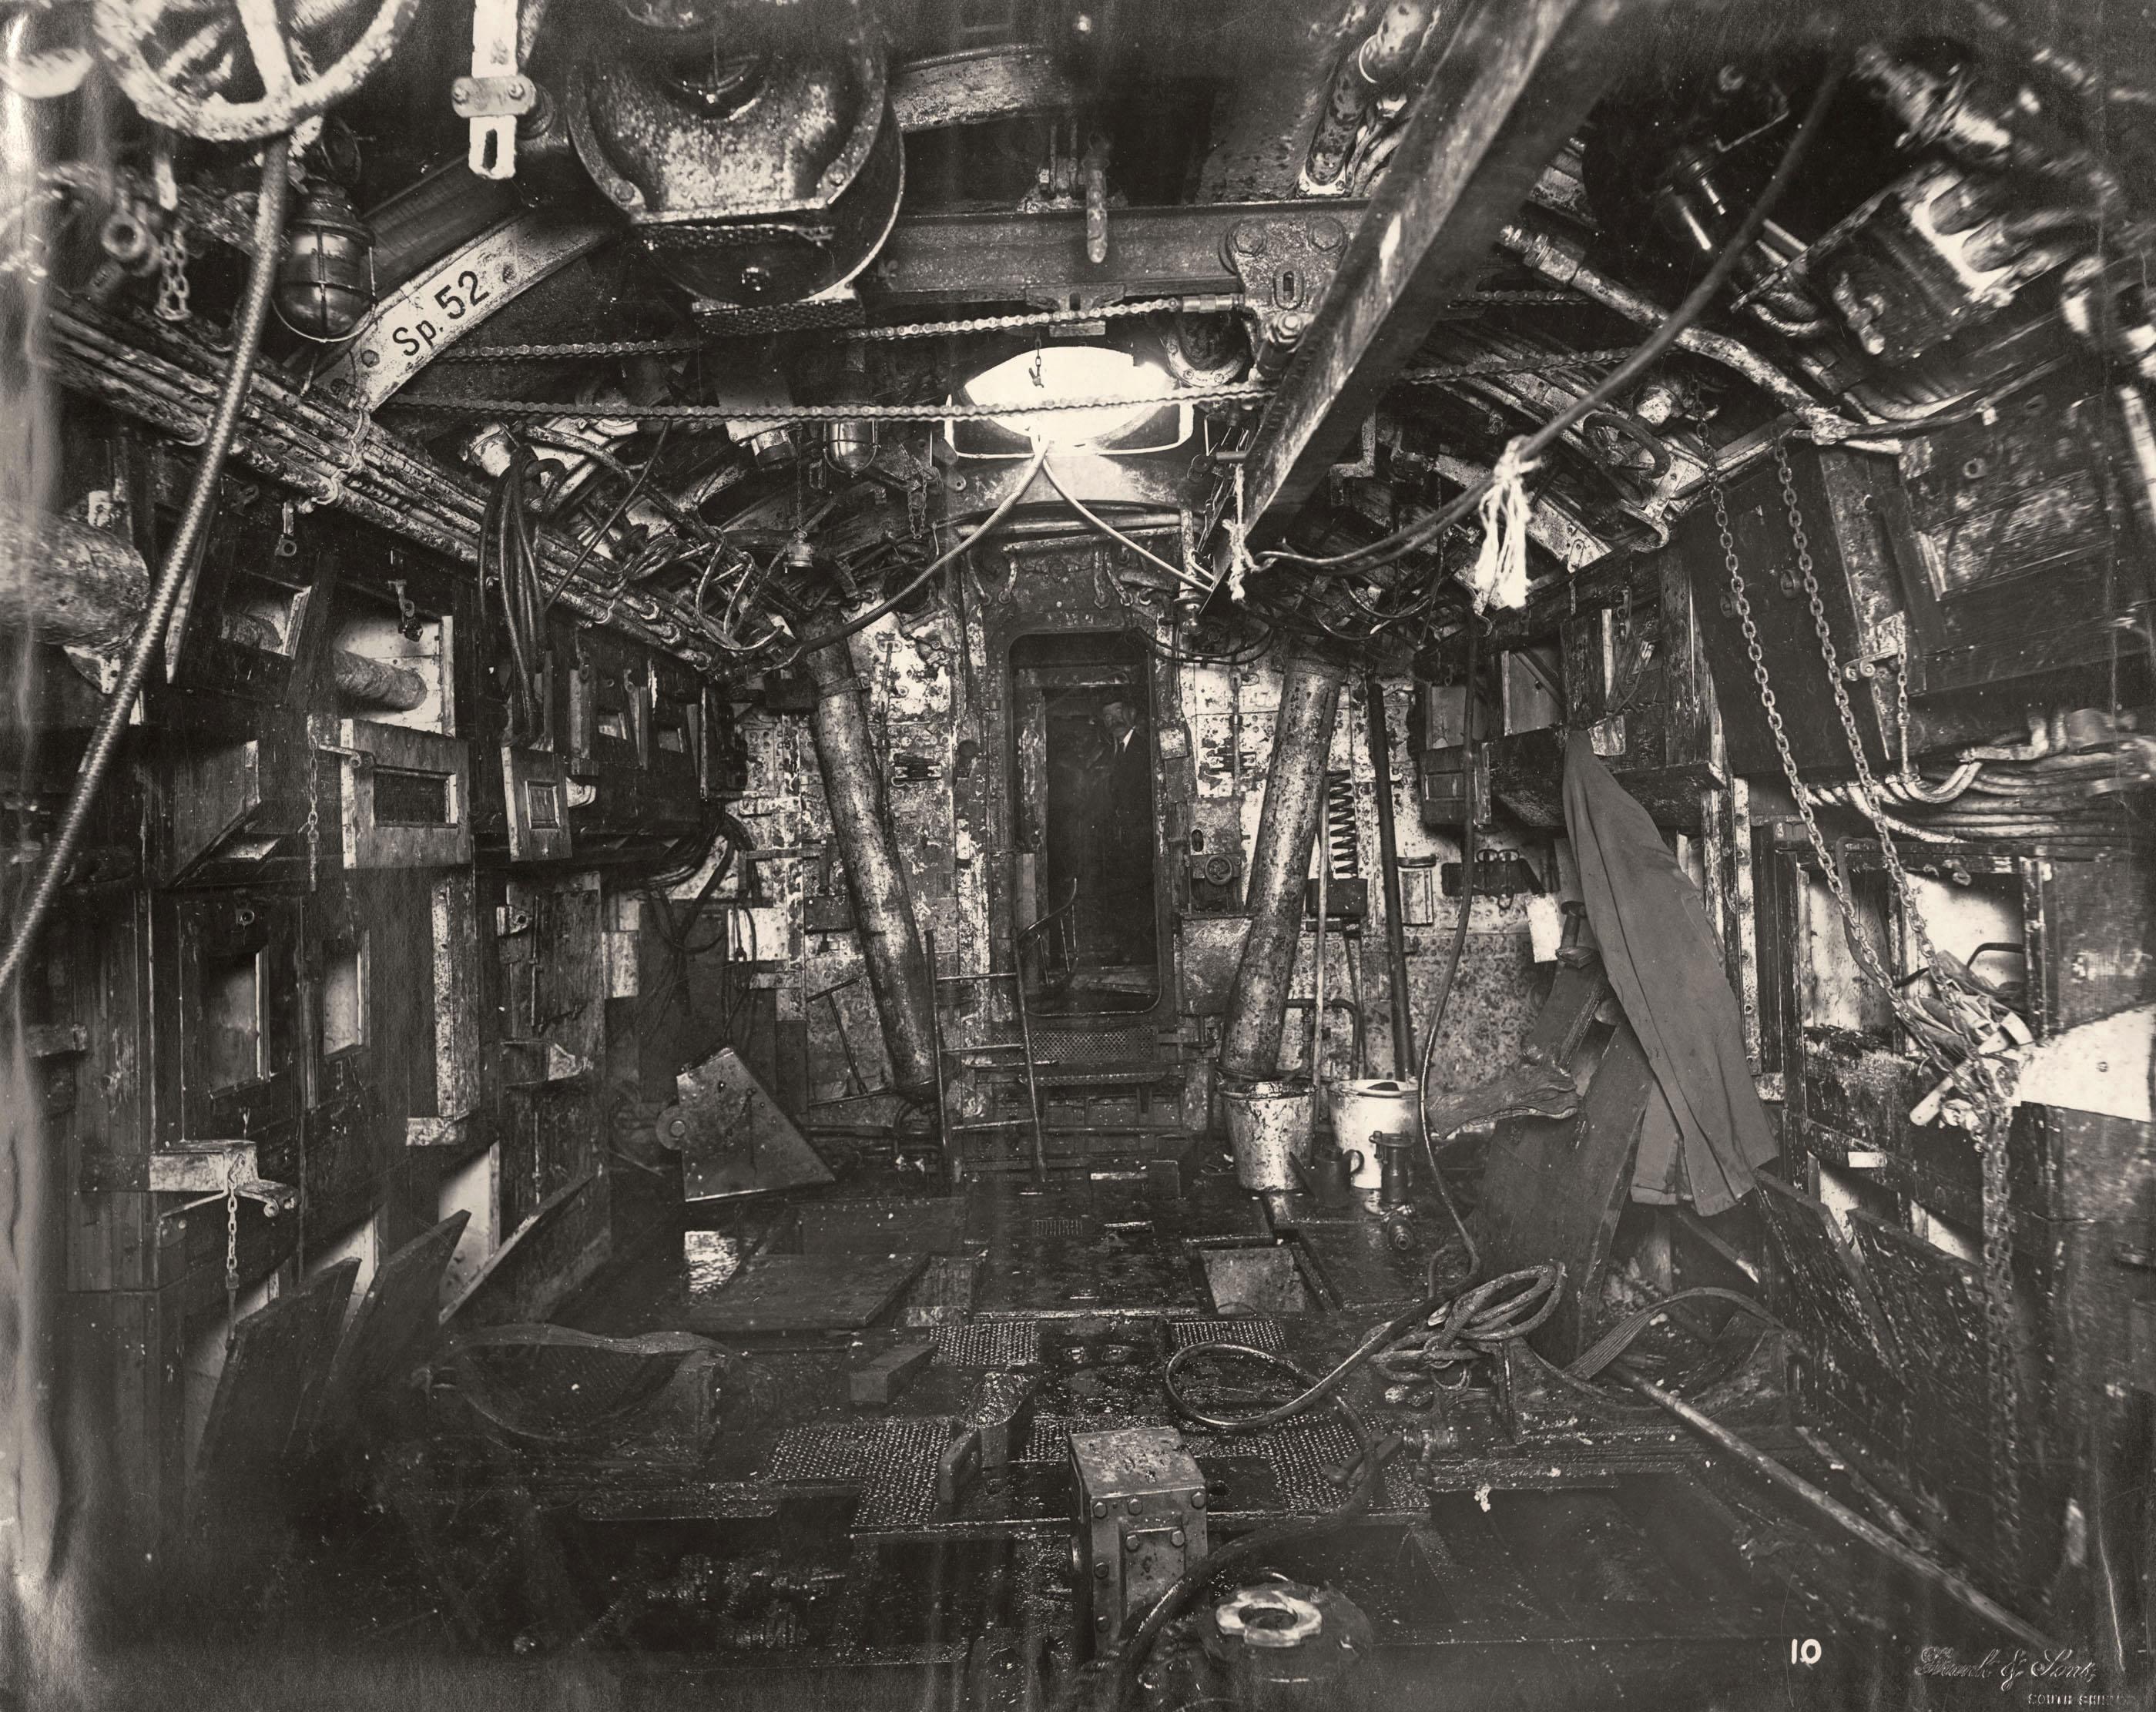 Uboat interieur controles sousmarin 08 la boite verte for Interieur sous marin